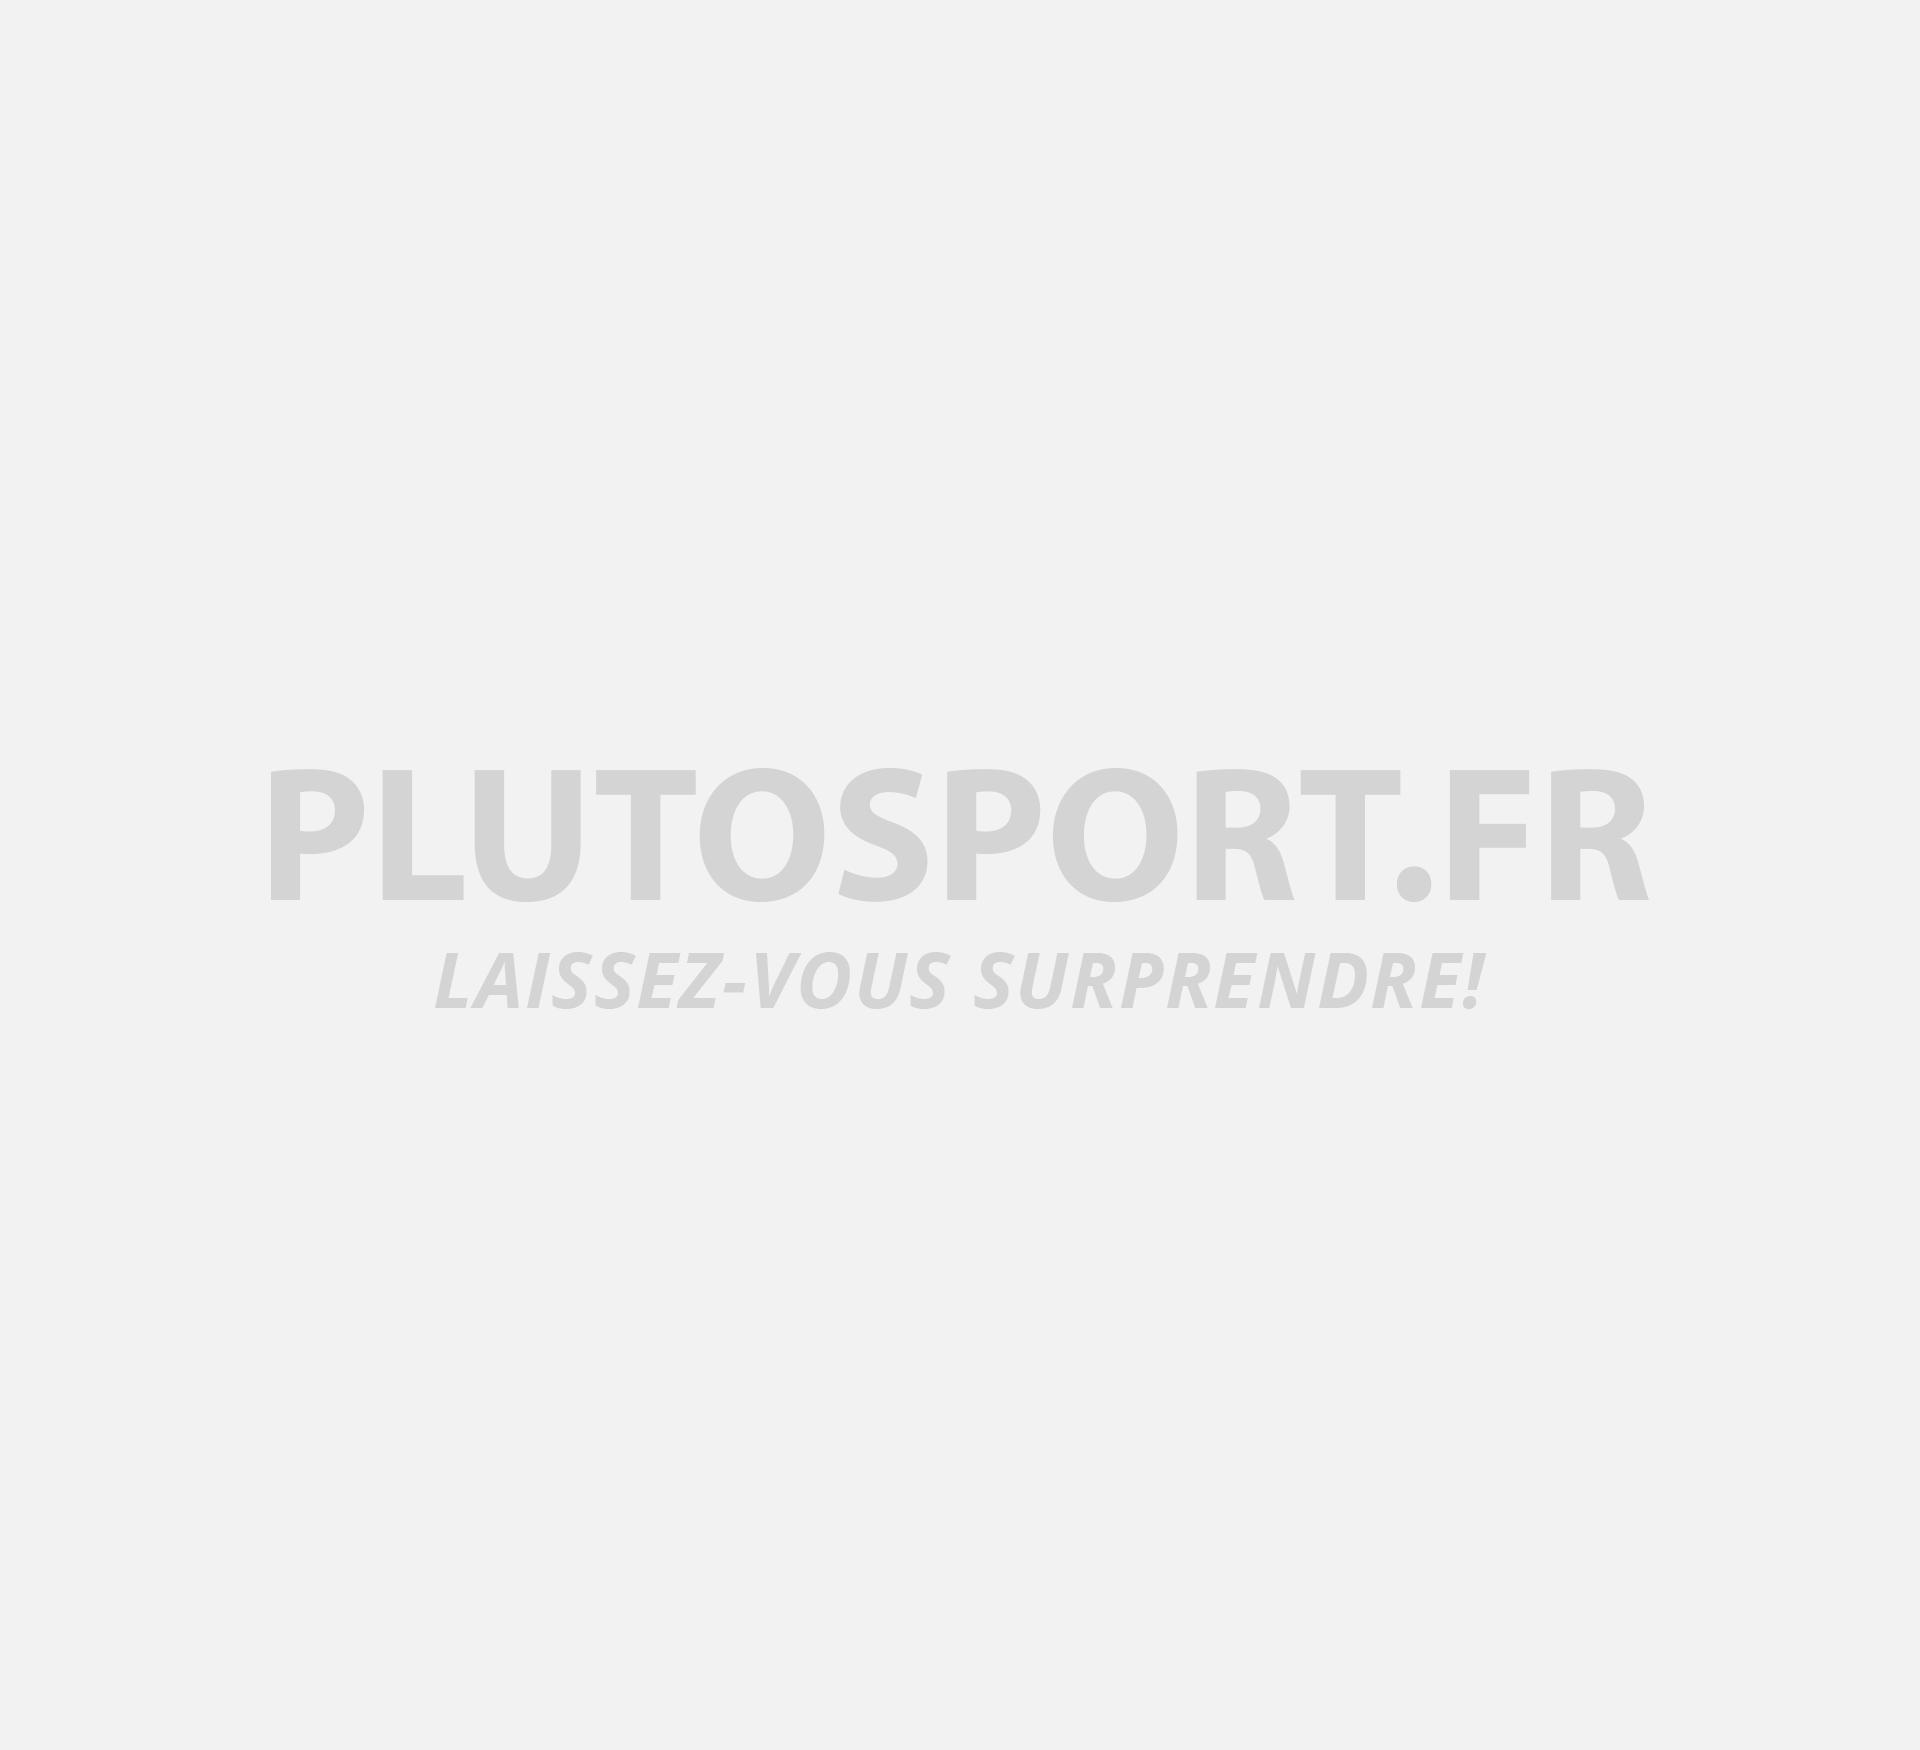 Les caleçons Boxer pouer hommes Emporio Armani Trunk Boxershorts (3-Pack)